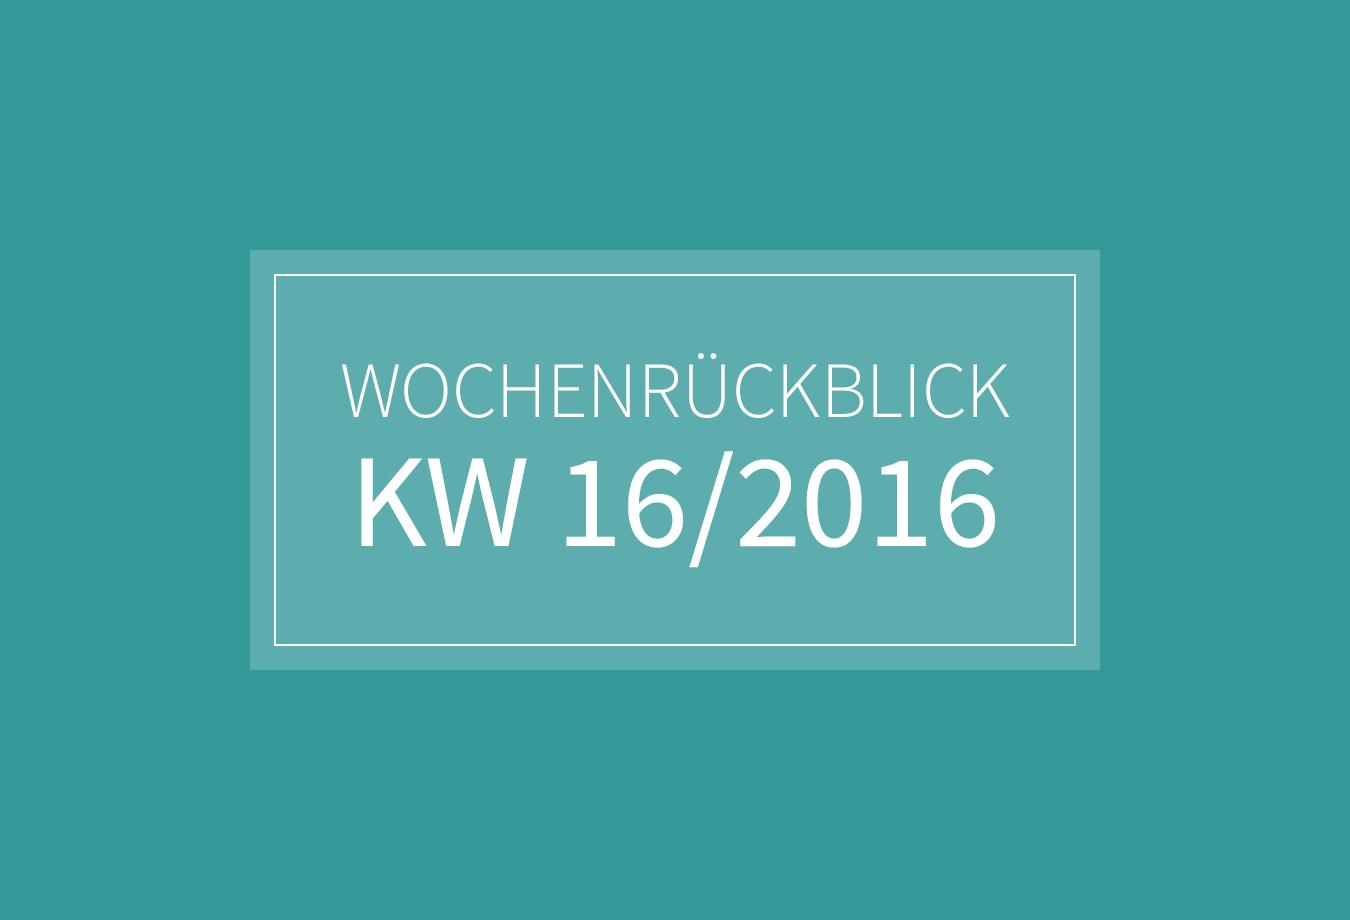 KW 16 - Wochenrückblick